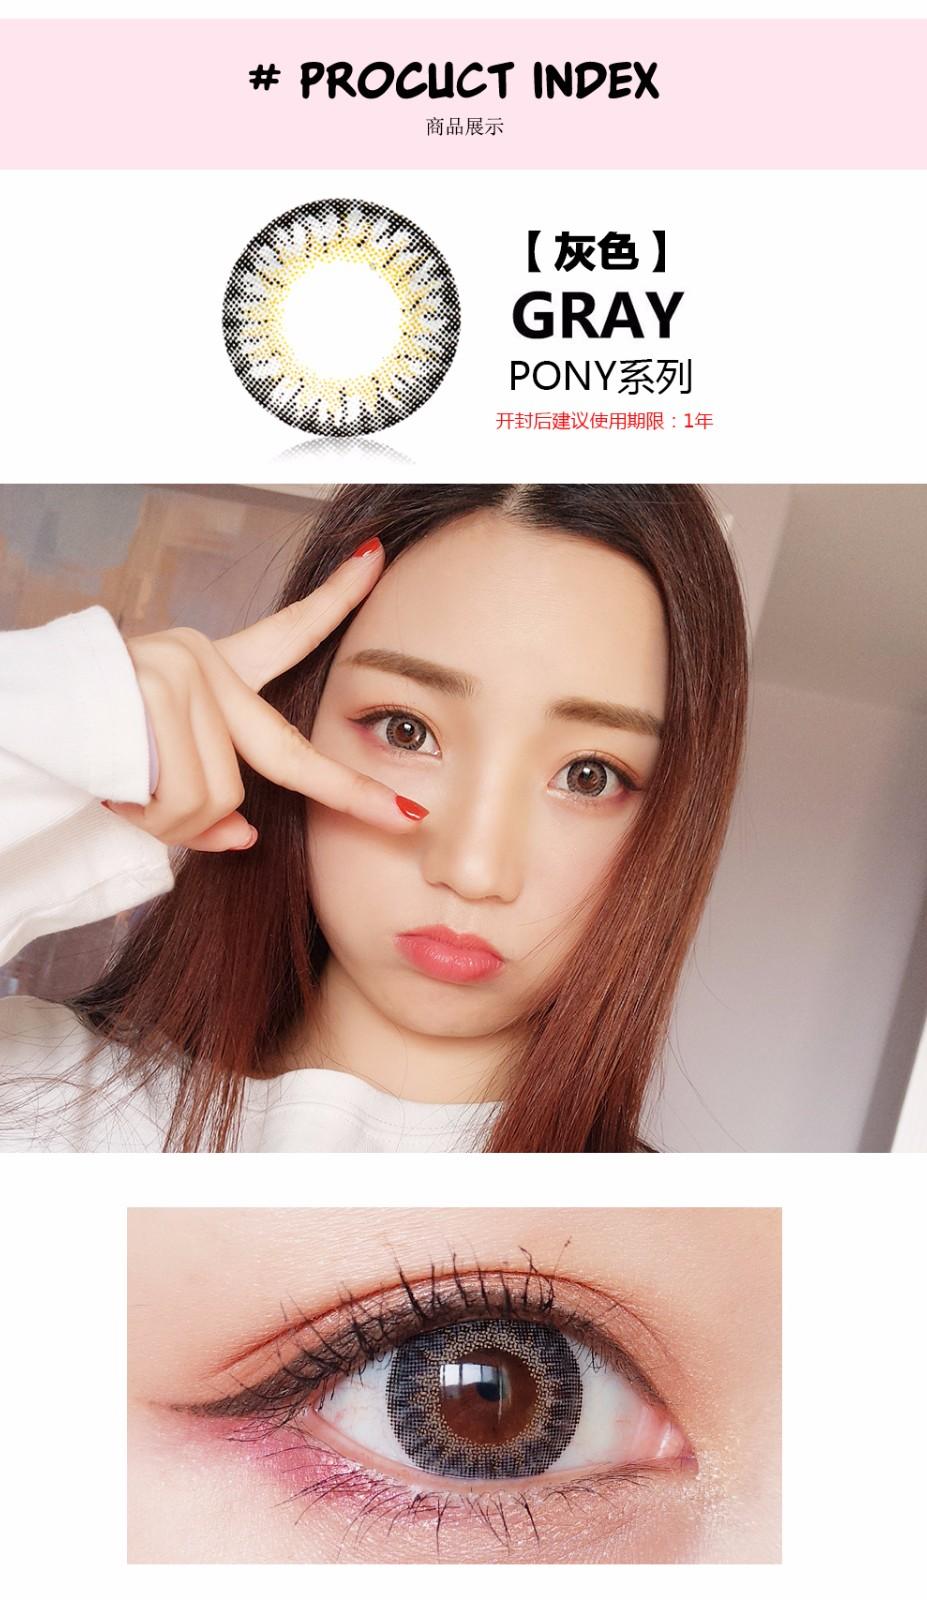 艾乐视美瞳pony灰